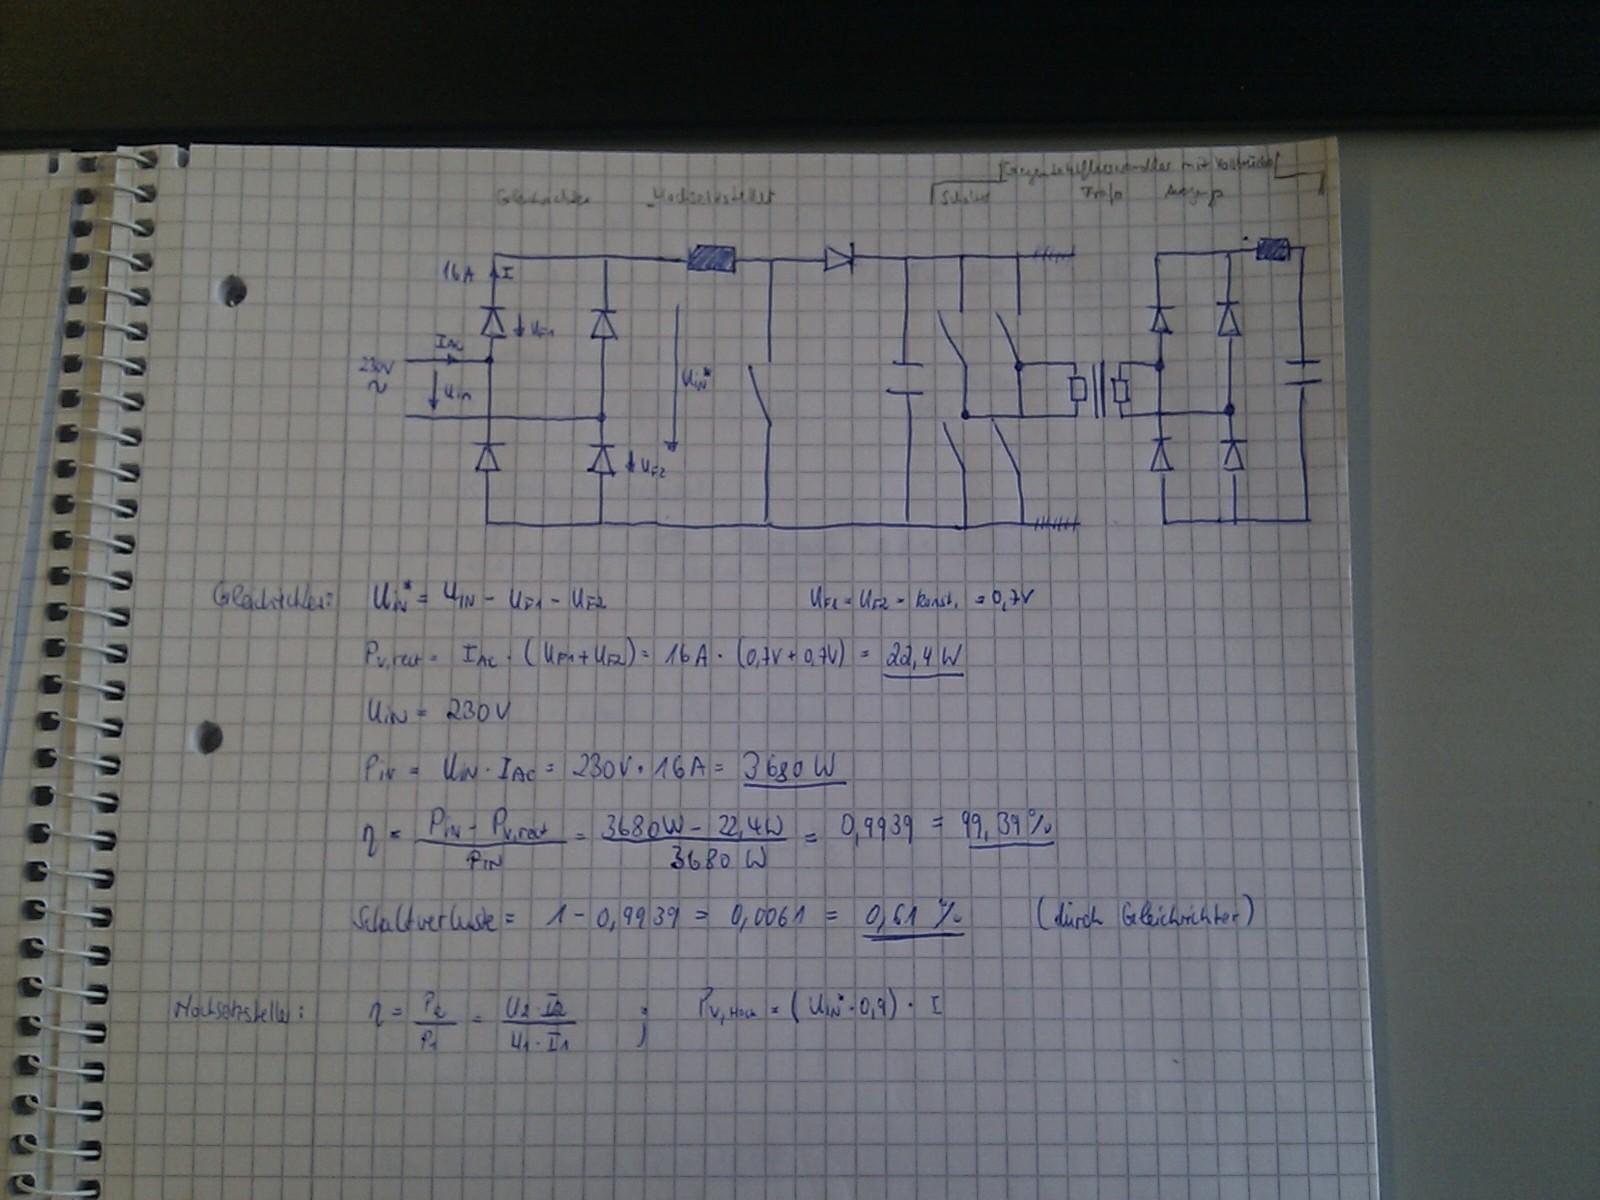 wirkungsgrad solarzelle berechnen wirkungsgrad berechnen. Black Bedroom Furniture Sets. Home Design Ideas